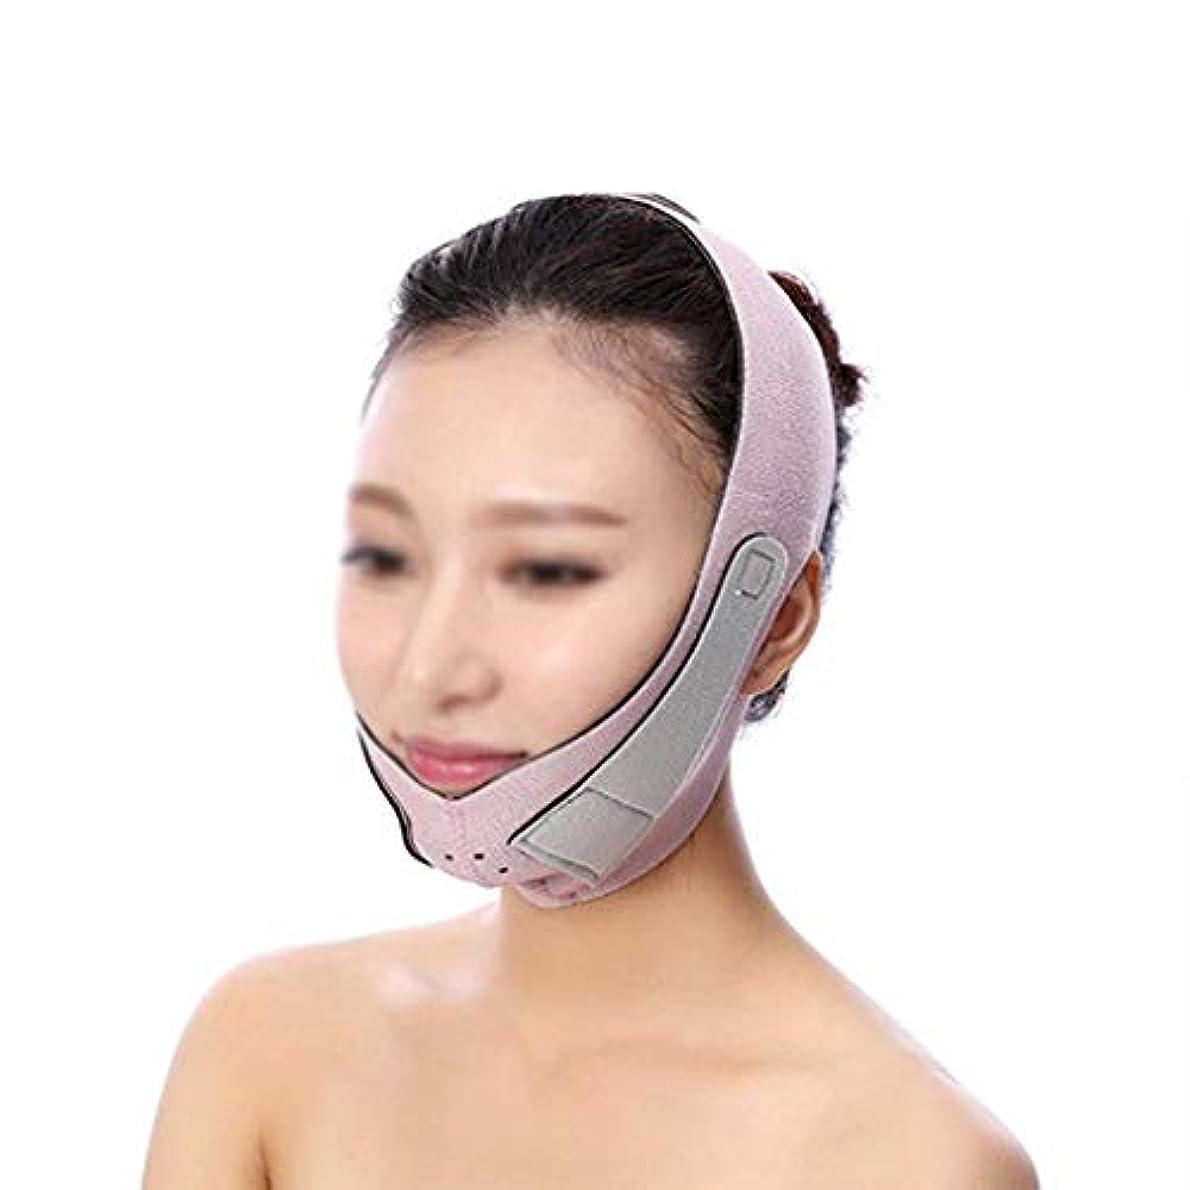 評価可能サイバースペース複合薄型フェイスマスク、フェイスリフティングに最適、フェイスバンドを持ち上げてスキン包帯を引き締める、チークチンリフティング、スキン包帯を引き締める(フリーサイズ)(カラー:オレンジ),紫の